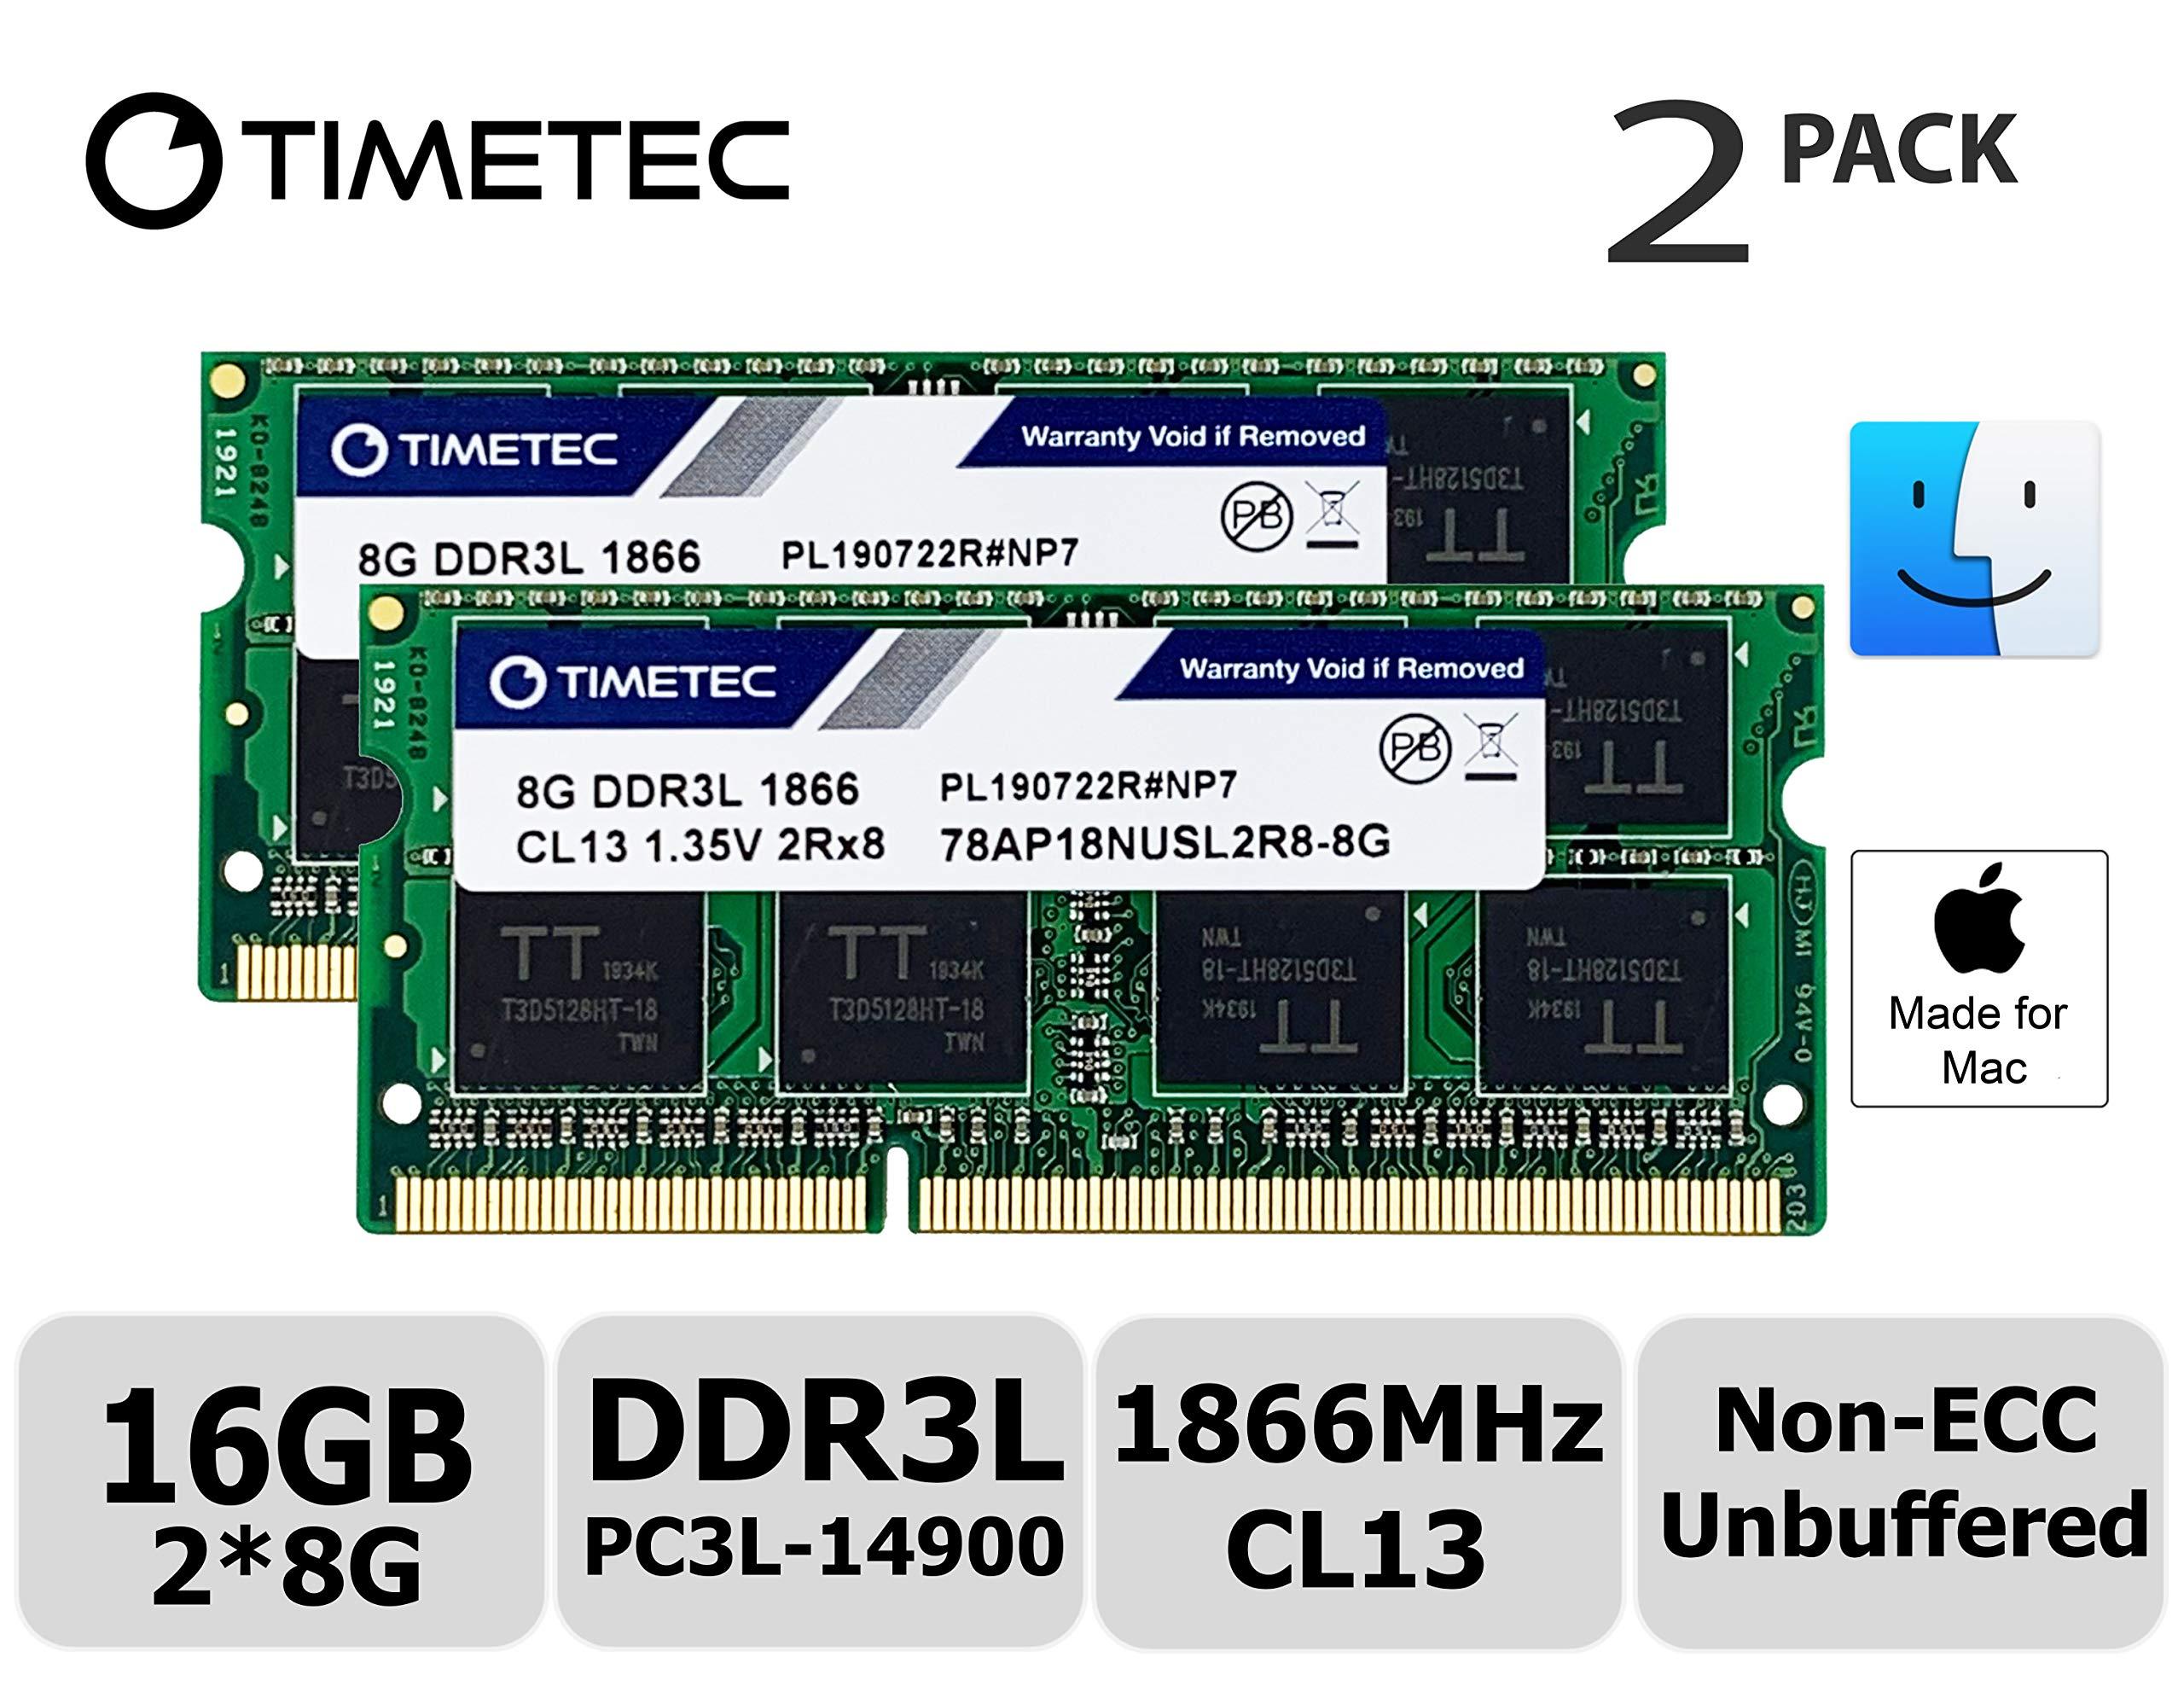 Memoria Ram 16gb Timetec Hynix Ic Kit(2x8gb) Compatible Para Apple Late 2015 iMac 27-inch W/retina 5k Display Ddr3l 1866